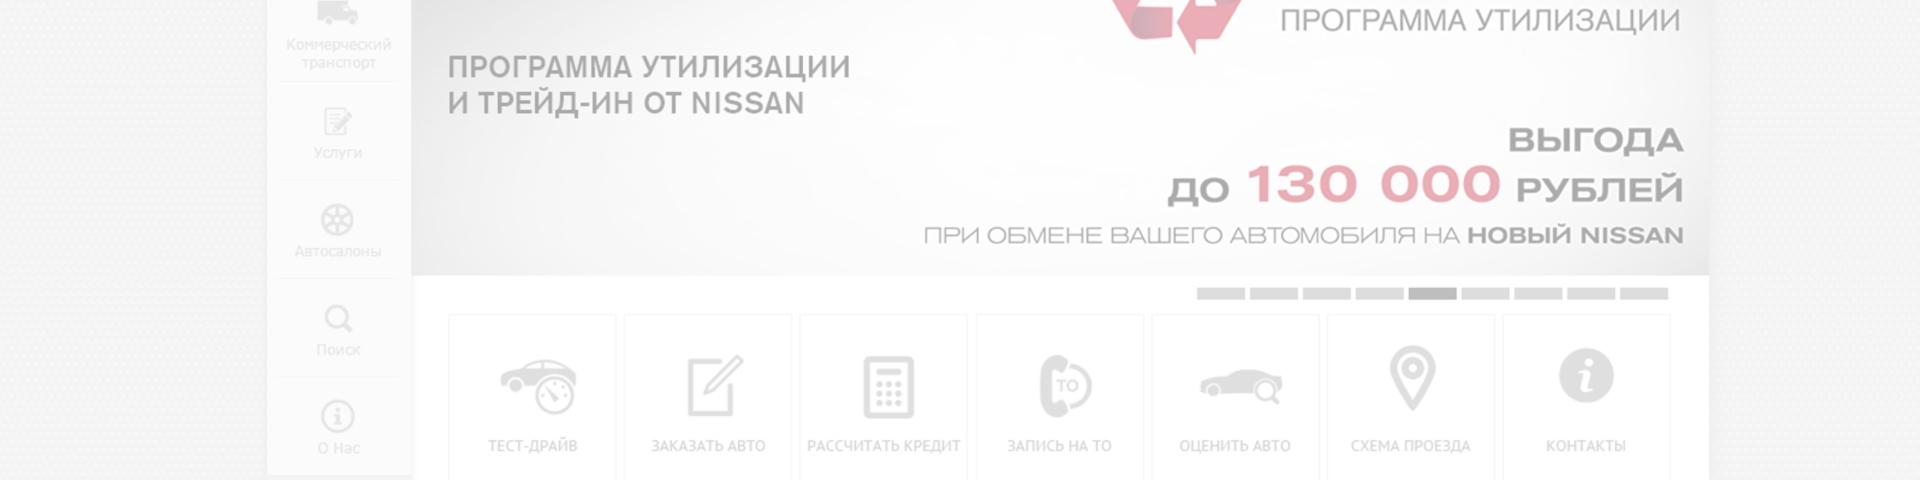 Разработка концепции интернет-маркетинга и сайтов для компании АвтоТракт (совместно с Нет-Брэнд)